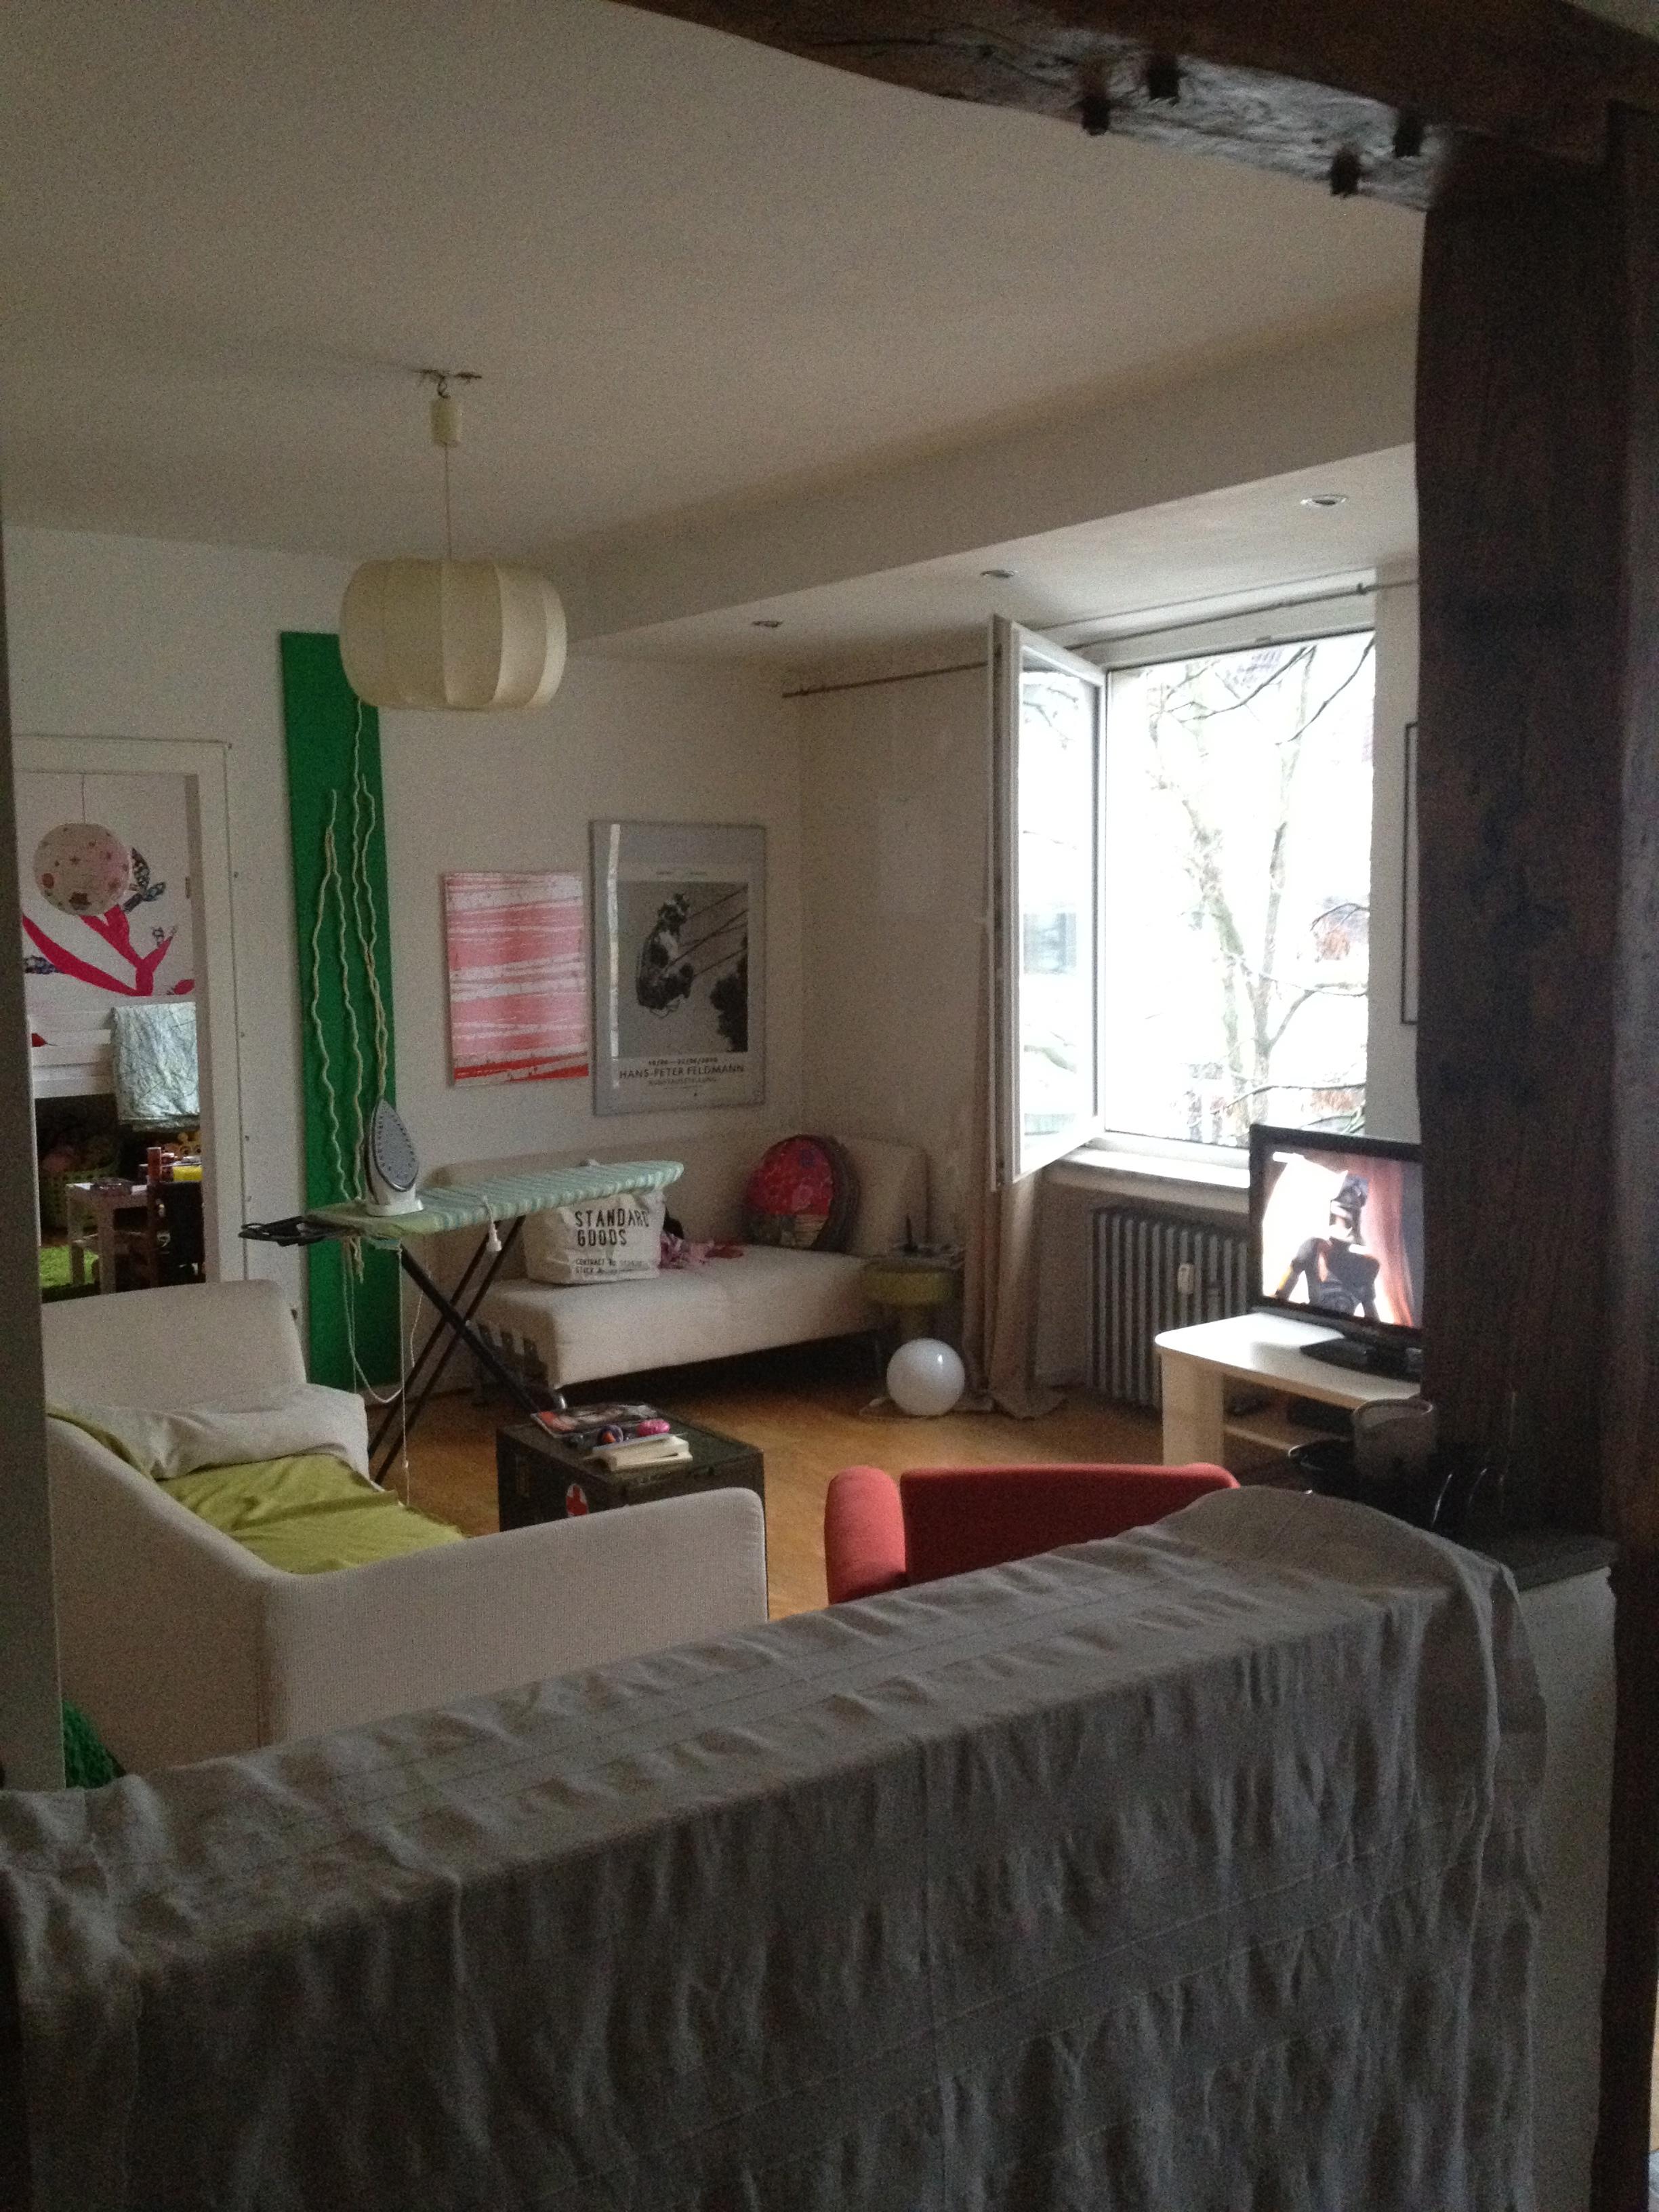 brauche eure ideen bitte wohn schlaf esszimmer. Black Bedroom Furniture Sets. Home Design Ideas